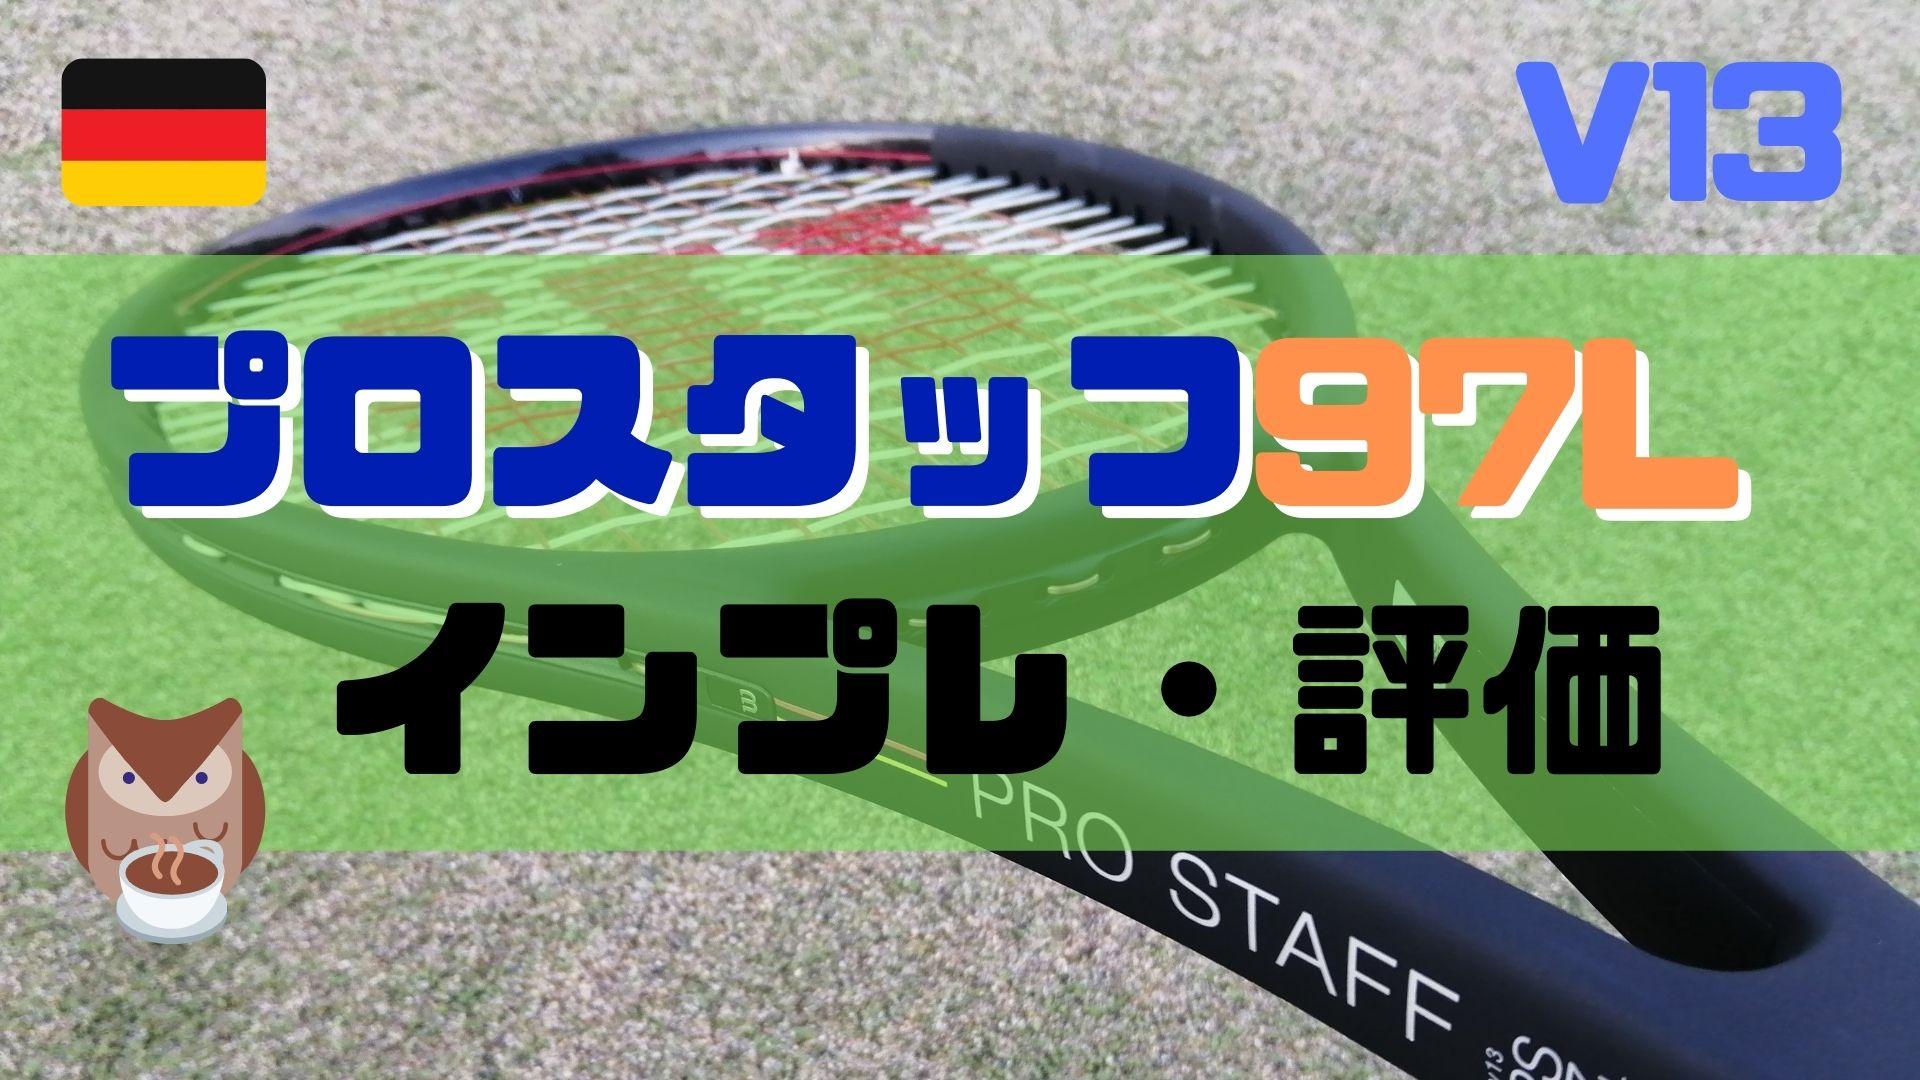 プロスタッフ97L【インプレ評価】ウイルソン ProStaff 97L